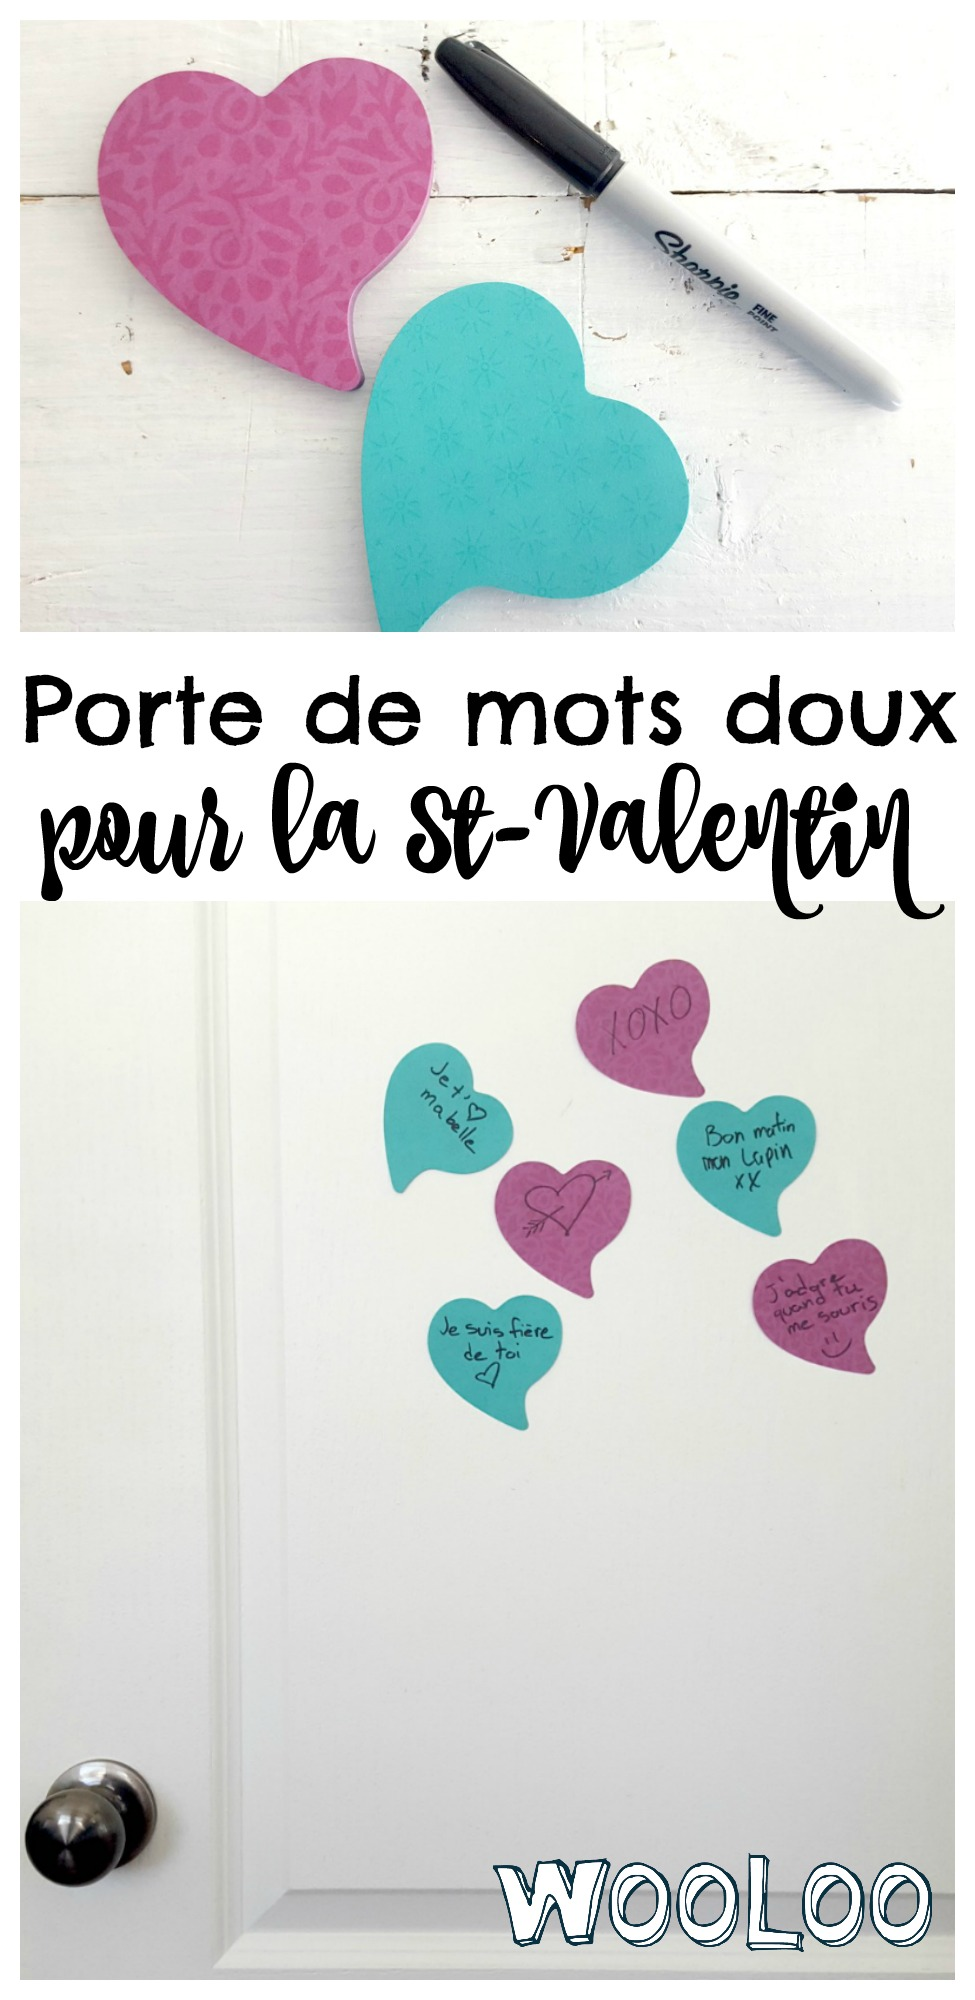 Porte de mots doux pour la St-Valentin / wooloo